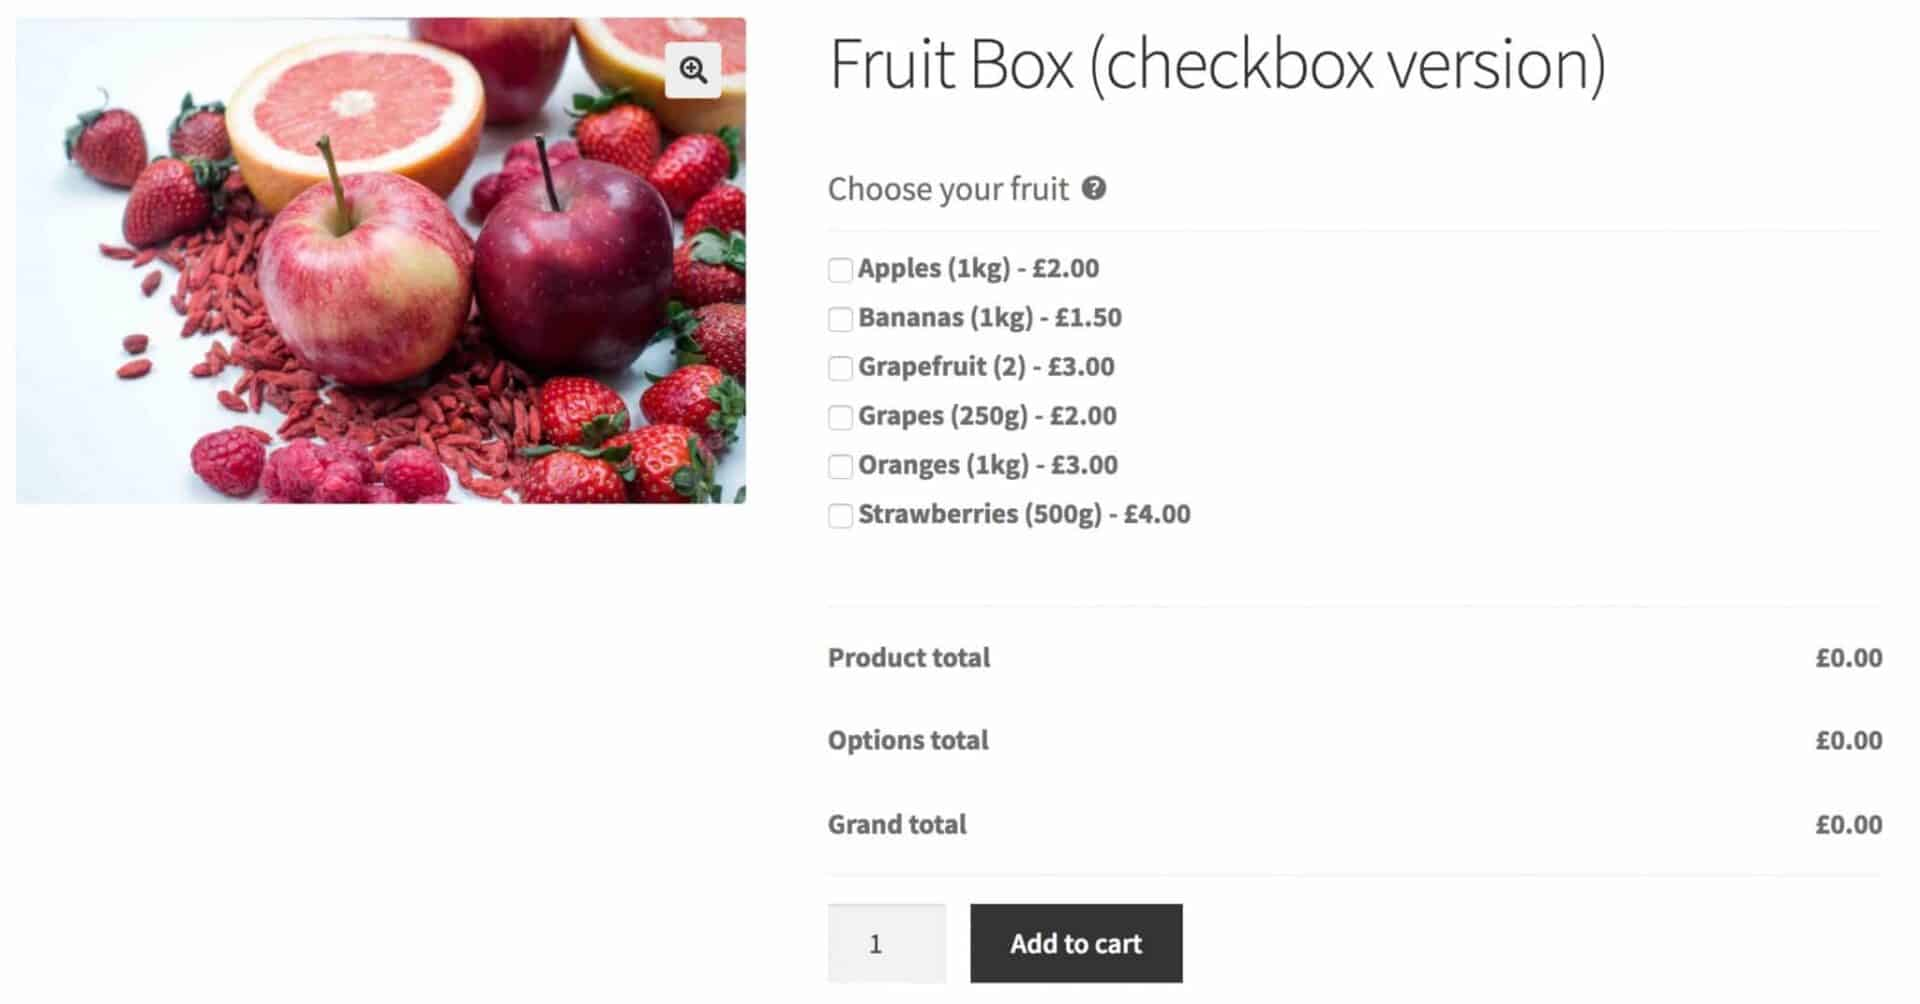 WooCommerce fruit box product